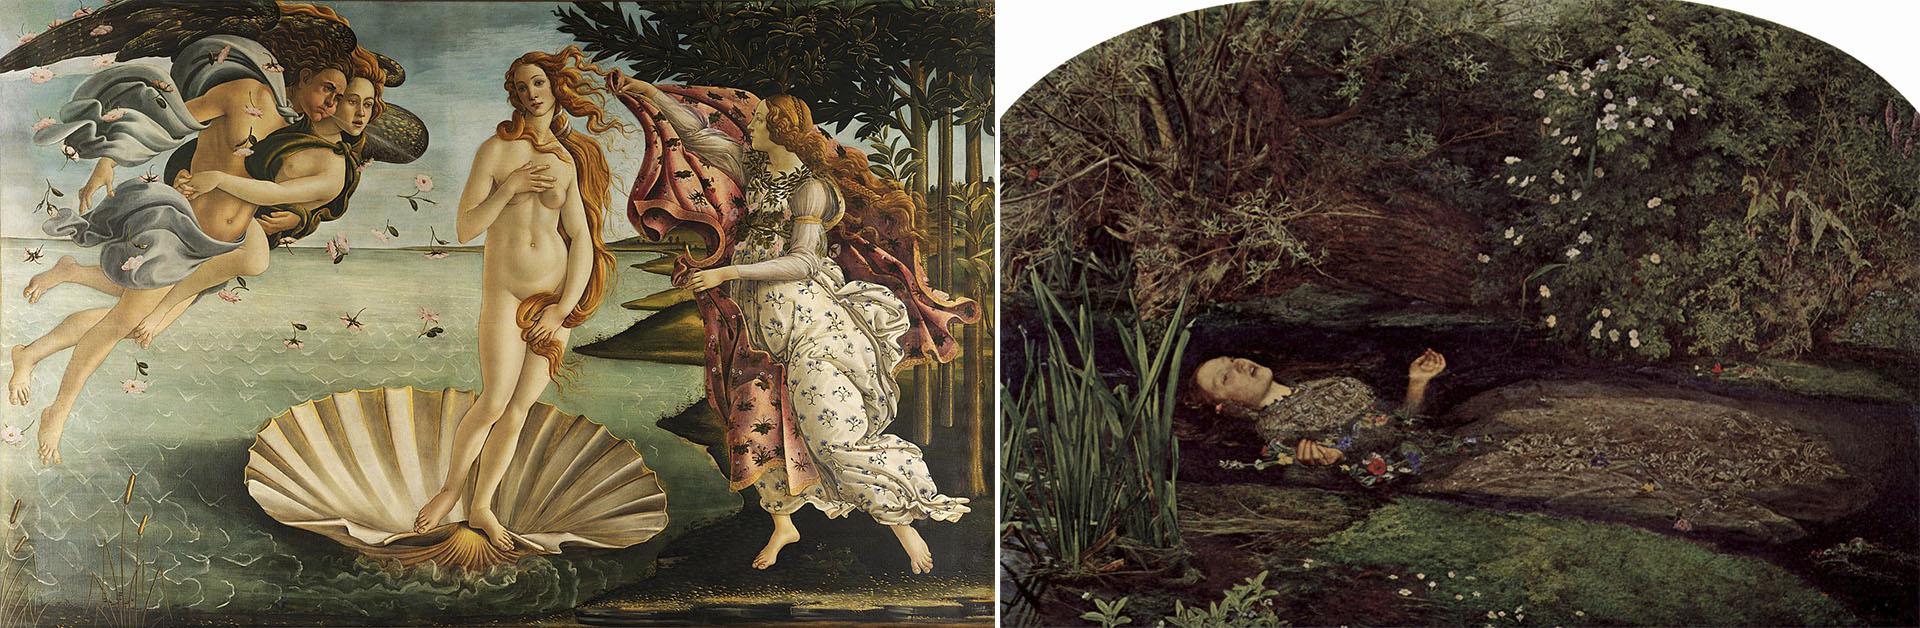 Venus, de Botticelli y la Ofelia, de Millais